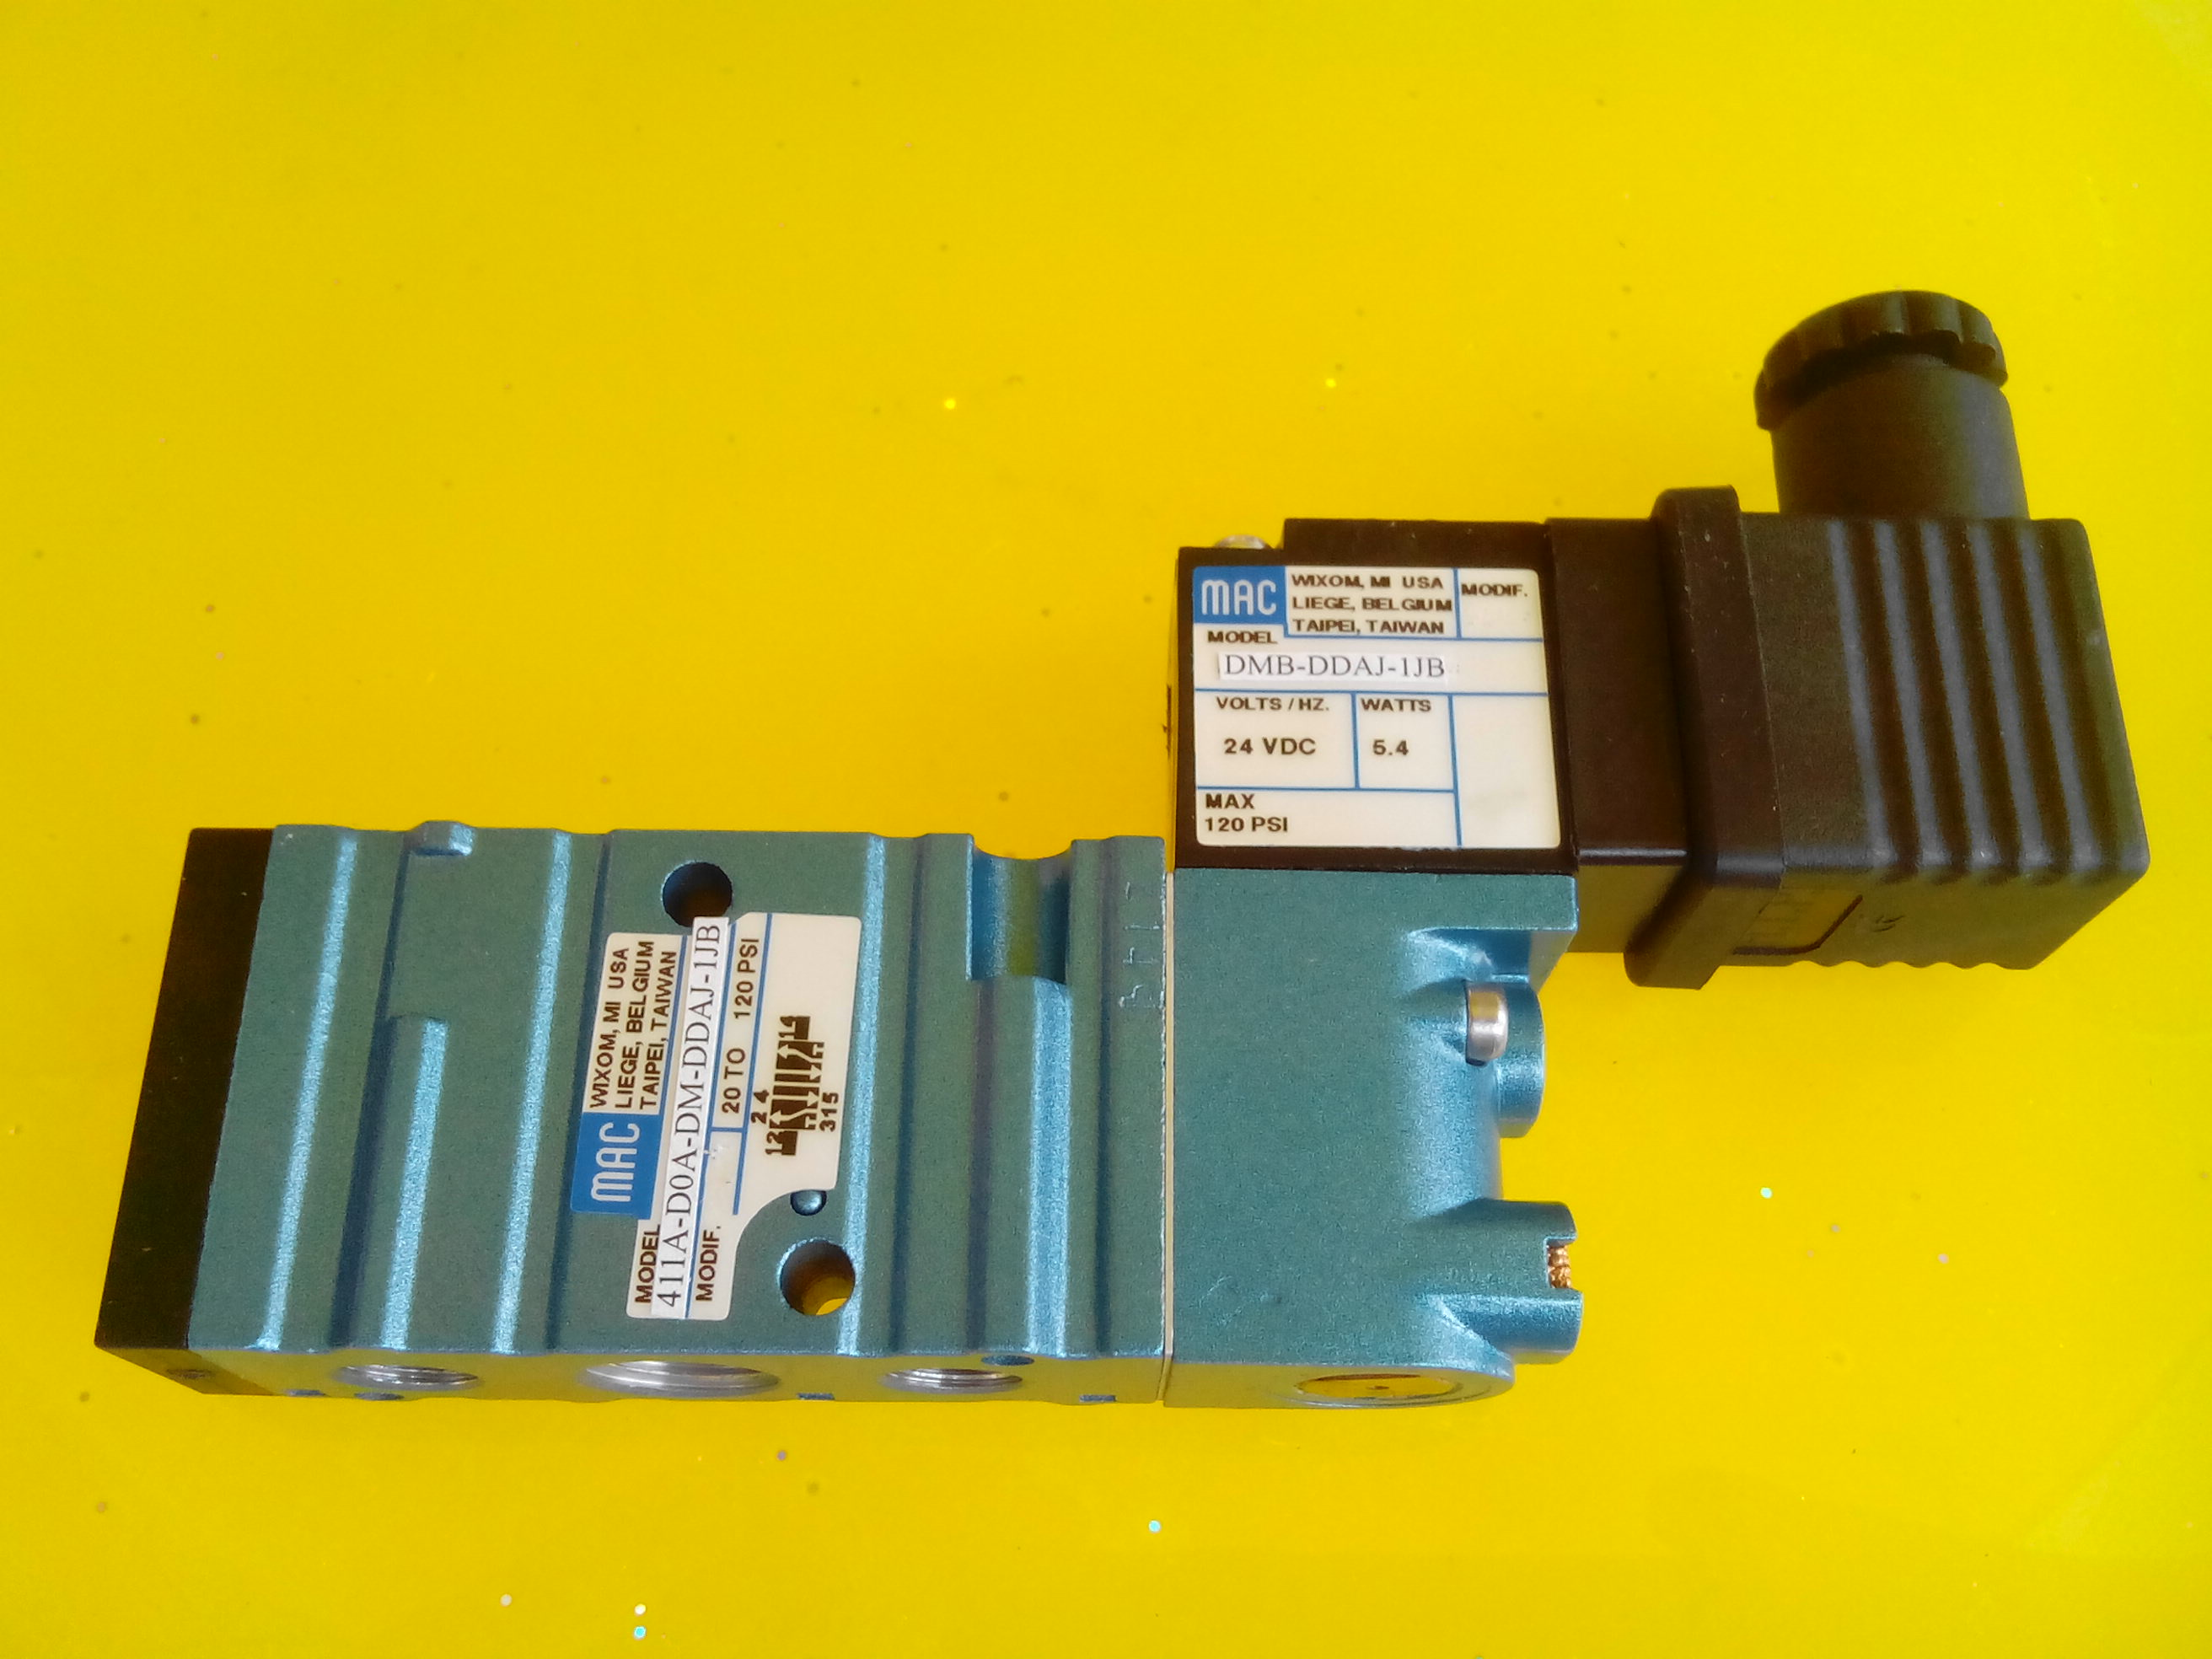 Negli Stati Uniti la Valvola solenoide 411A-DOA-DM-DDAJ-1JB Mac Originale di autentico Pacchetto Post Spot di Contrattazione